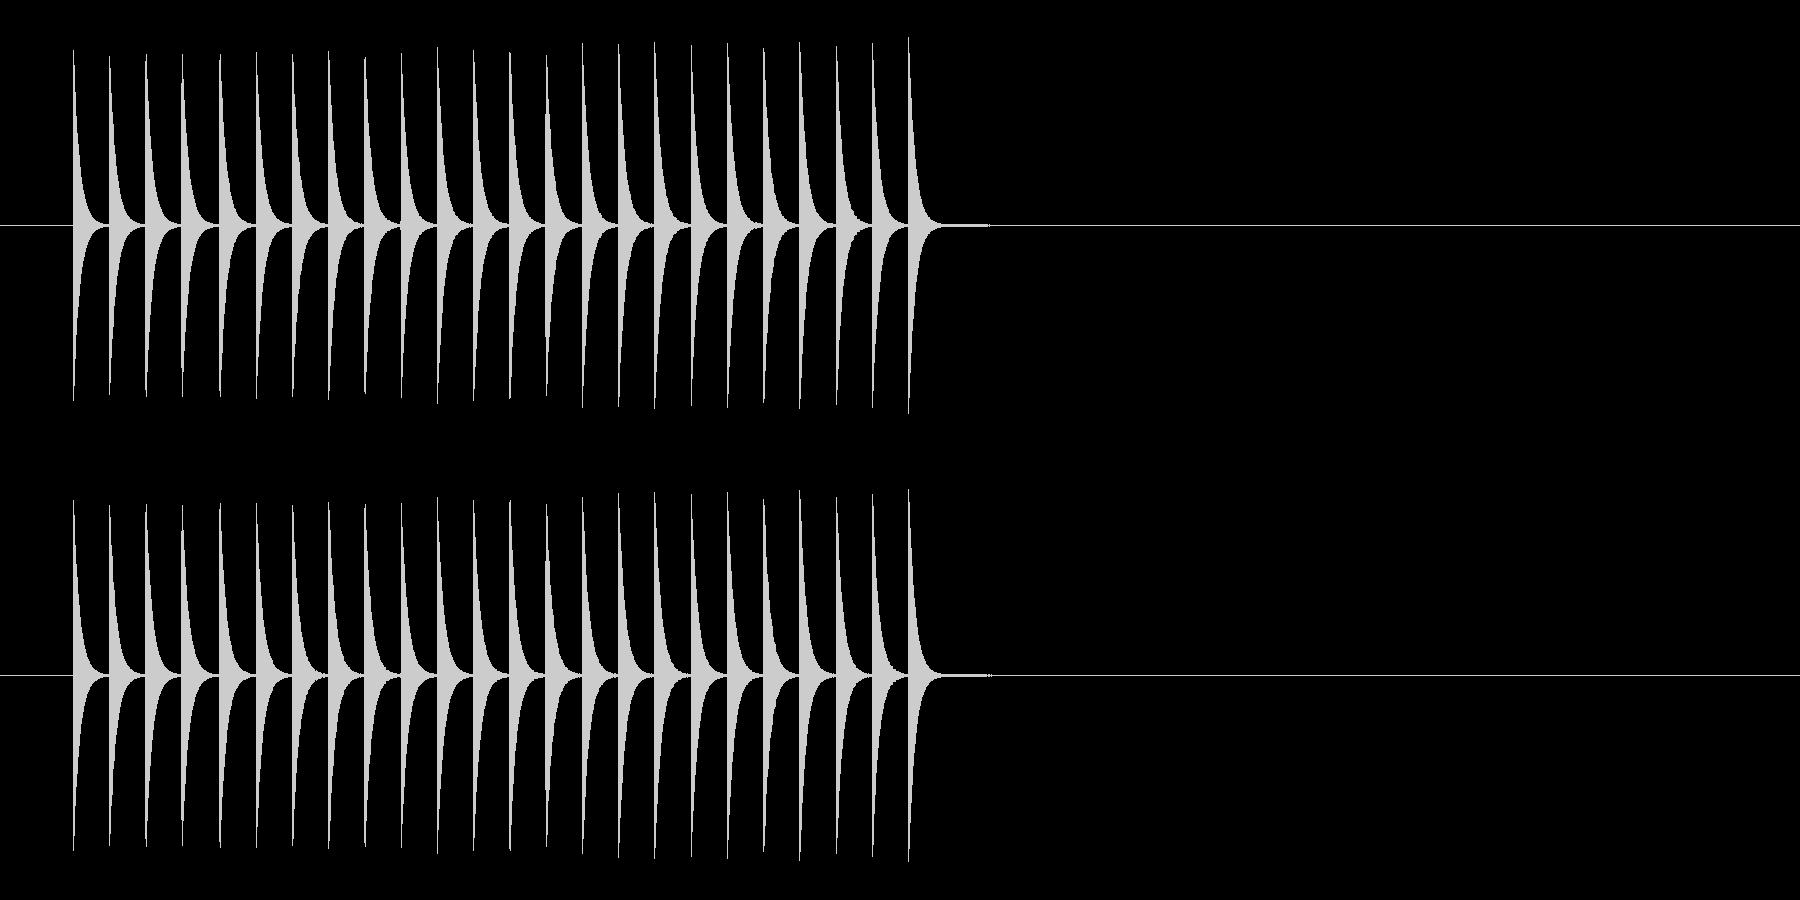 ファミコン ゲームの上昇音の未再生の波形